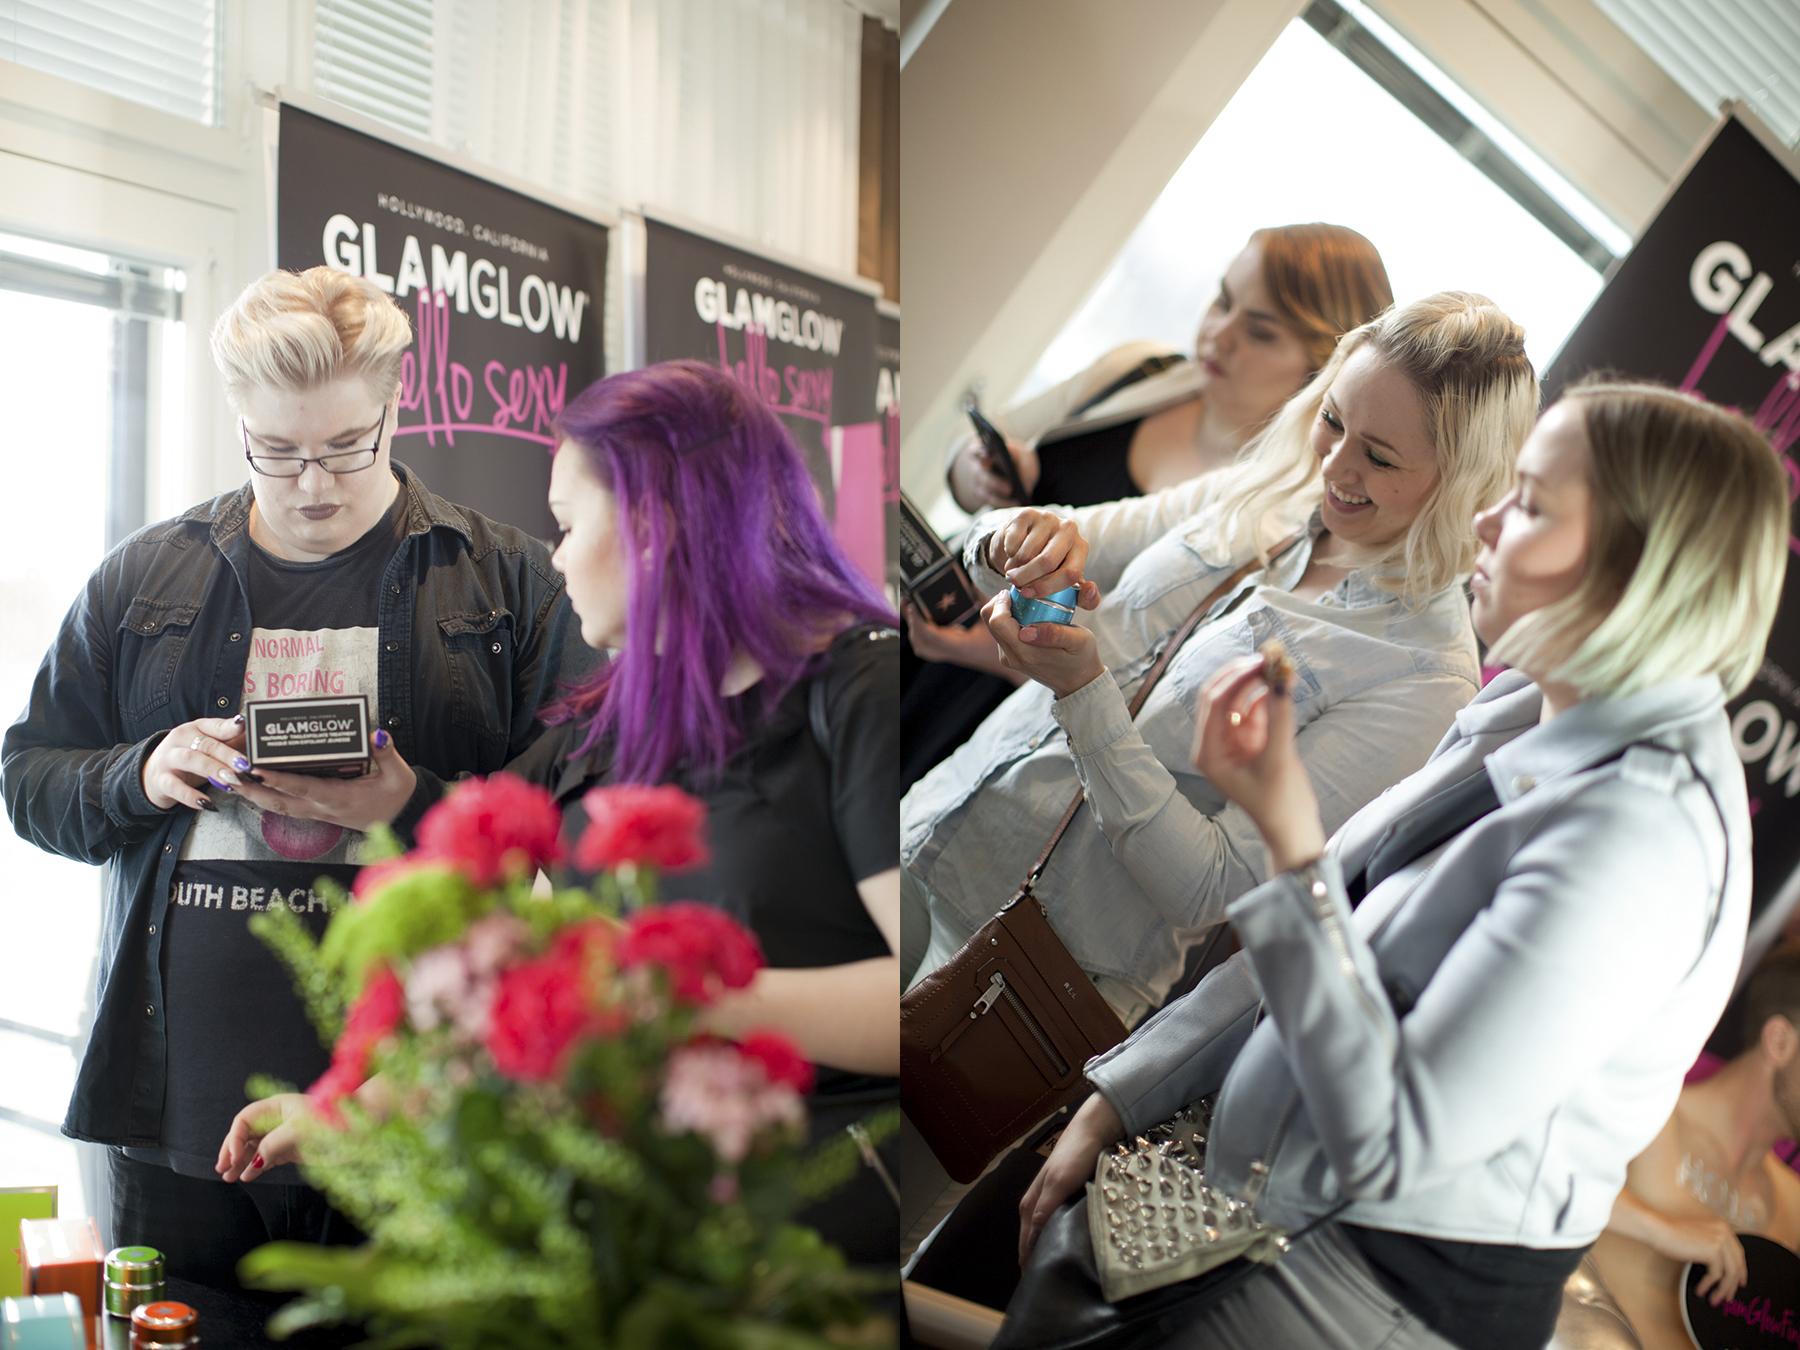 4 glamglow tapahtuma successstory pr 11.5.2017 kesä uutuudet 2017